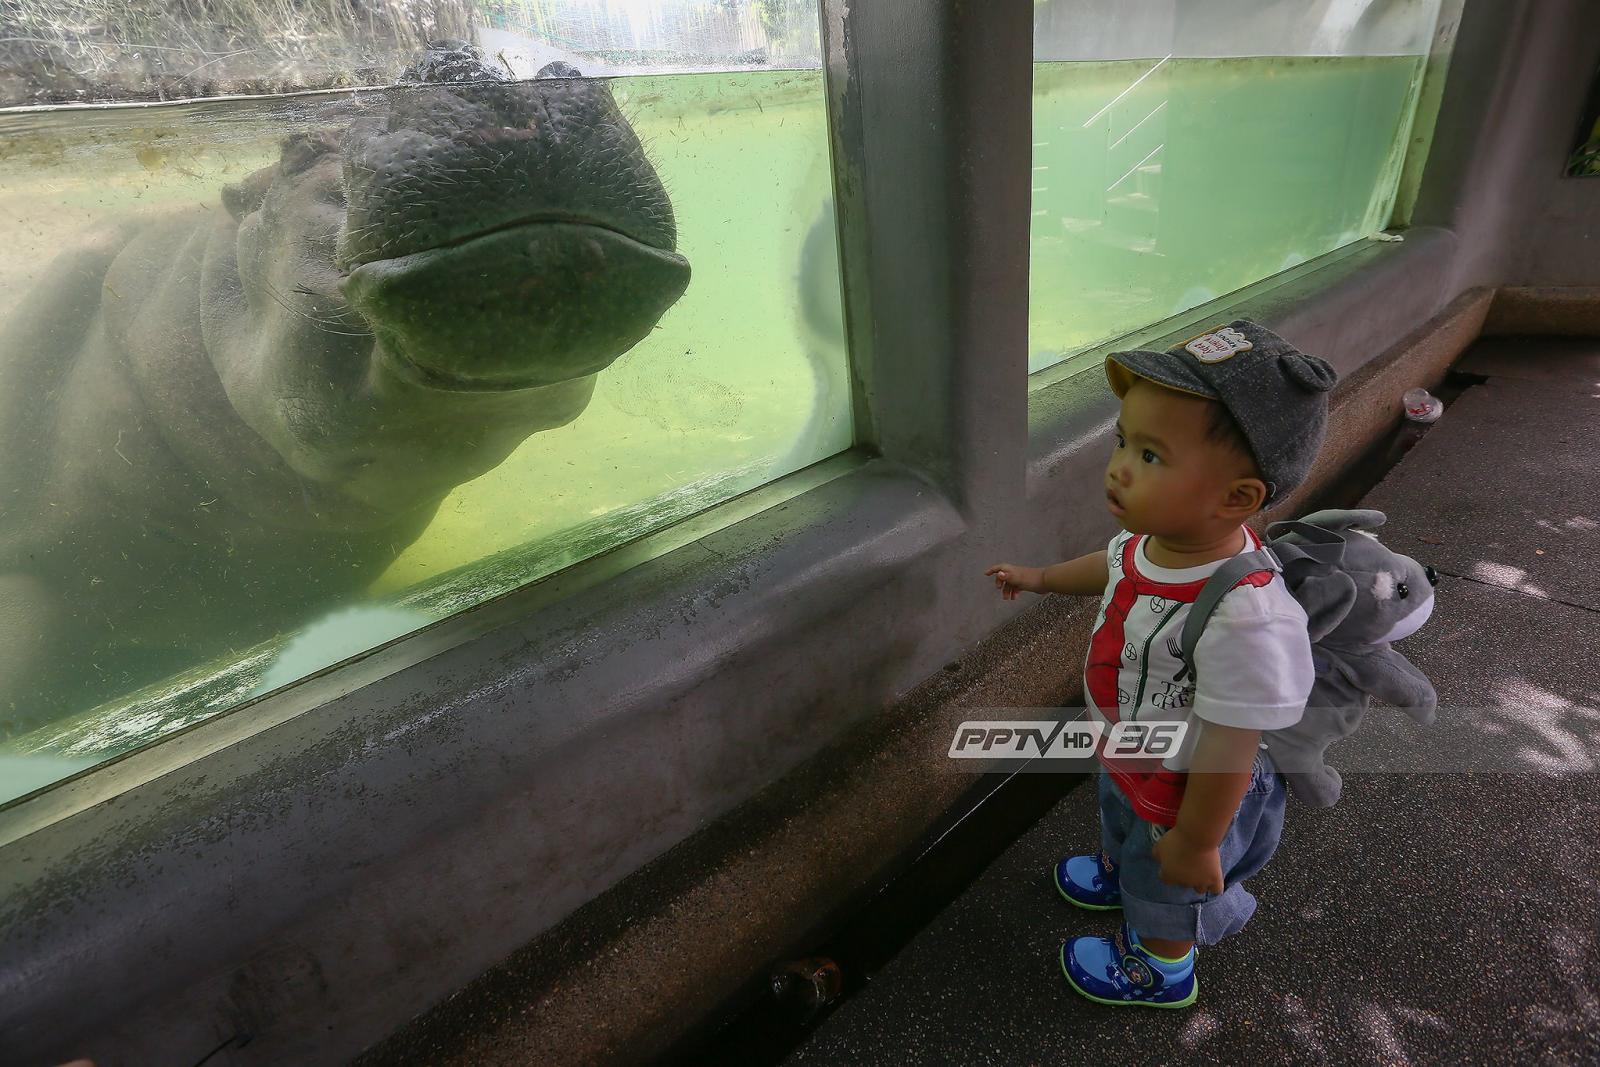 """ใครยังไม่ไปรีบเลย!! """"สวนสัตว์ดุสิต"""" แจงปิดสิ้นเดือน ส.ค.นี้"""